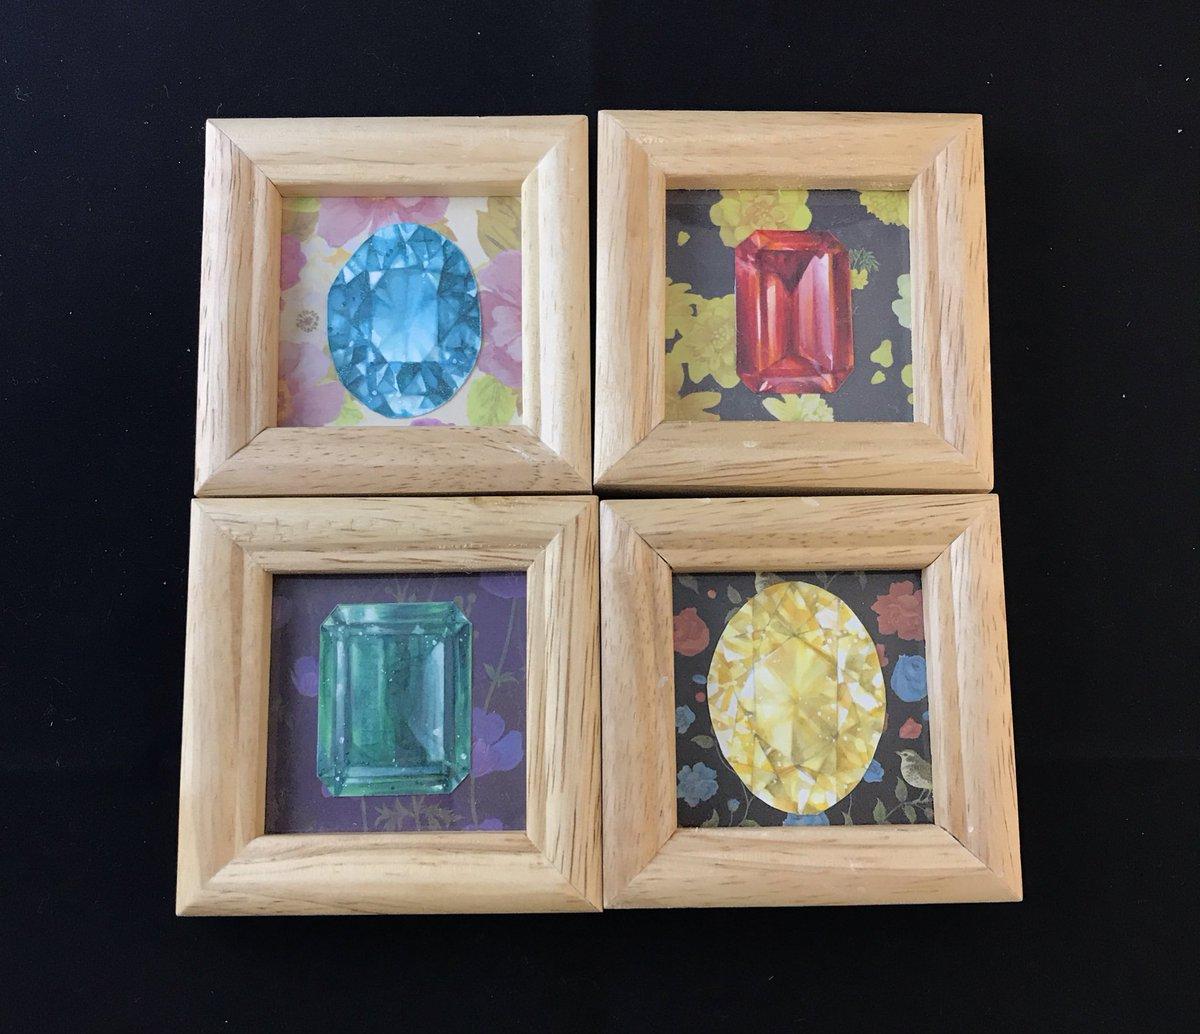 test ツイッターメディア - 「宝石標本」  #メルメリィマーケット に持っていくミニ原画を追加で制作しました!  #コピック #ミニ額  #セリア https://t.co/CCr4RrsZwi